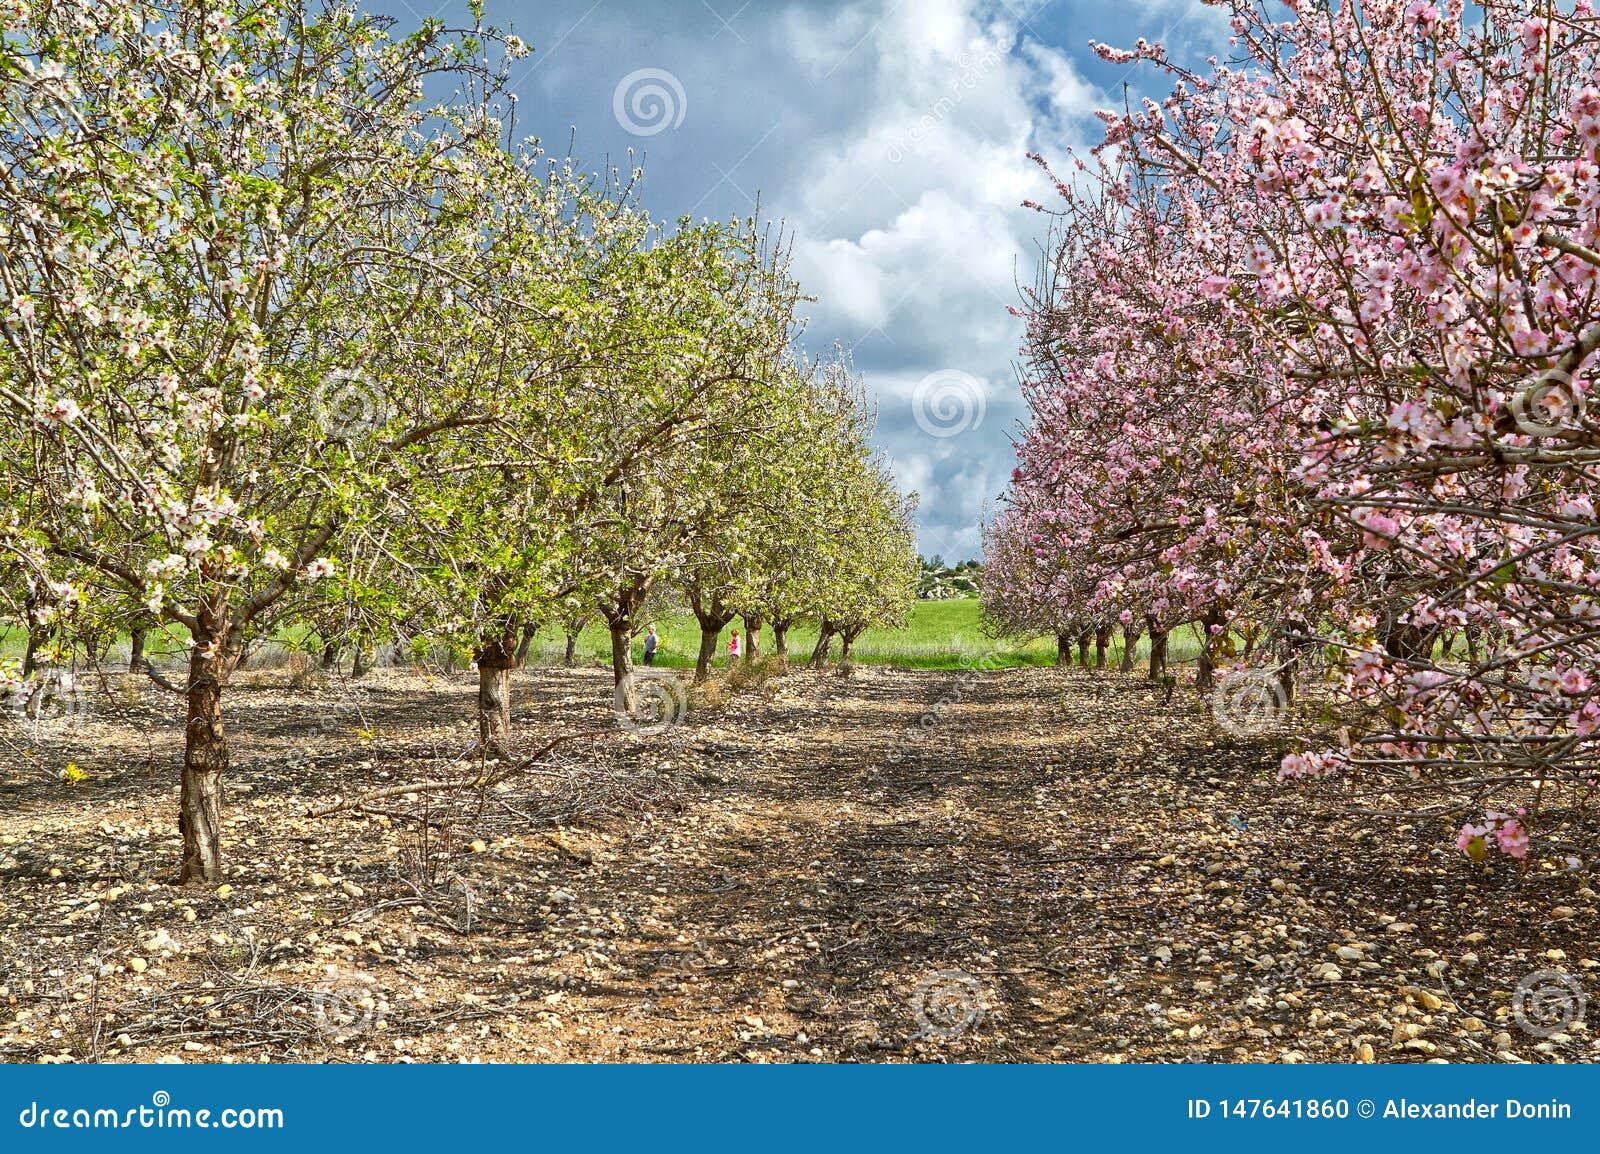 Flowering almond trees